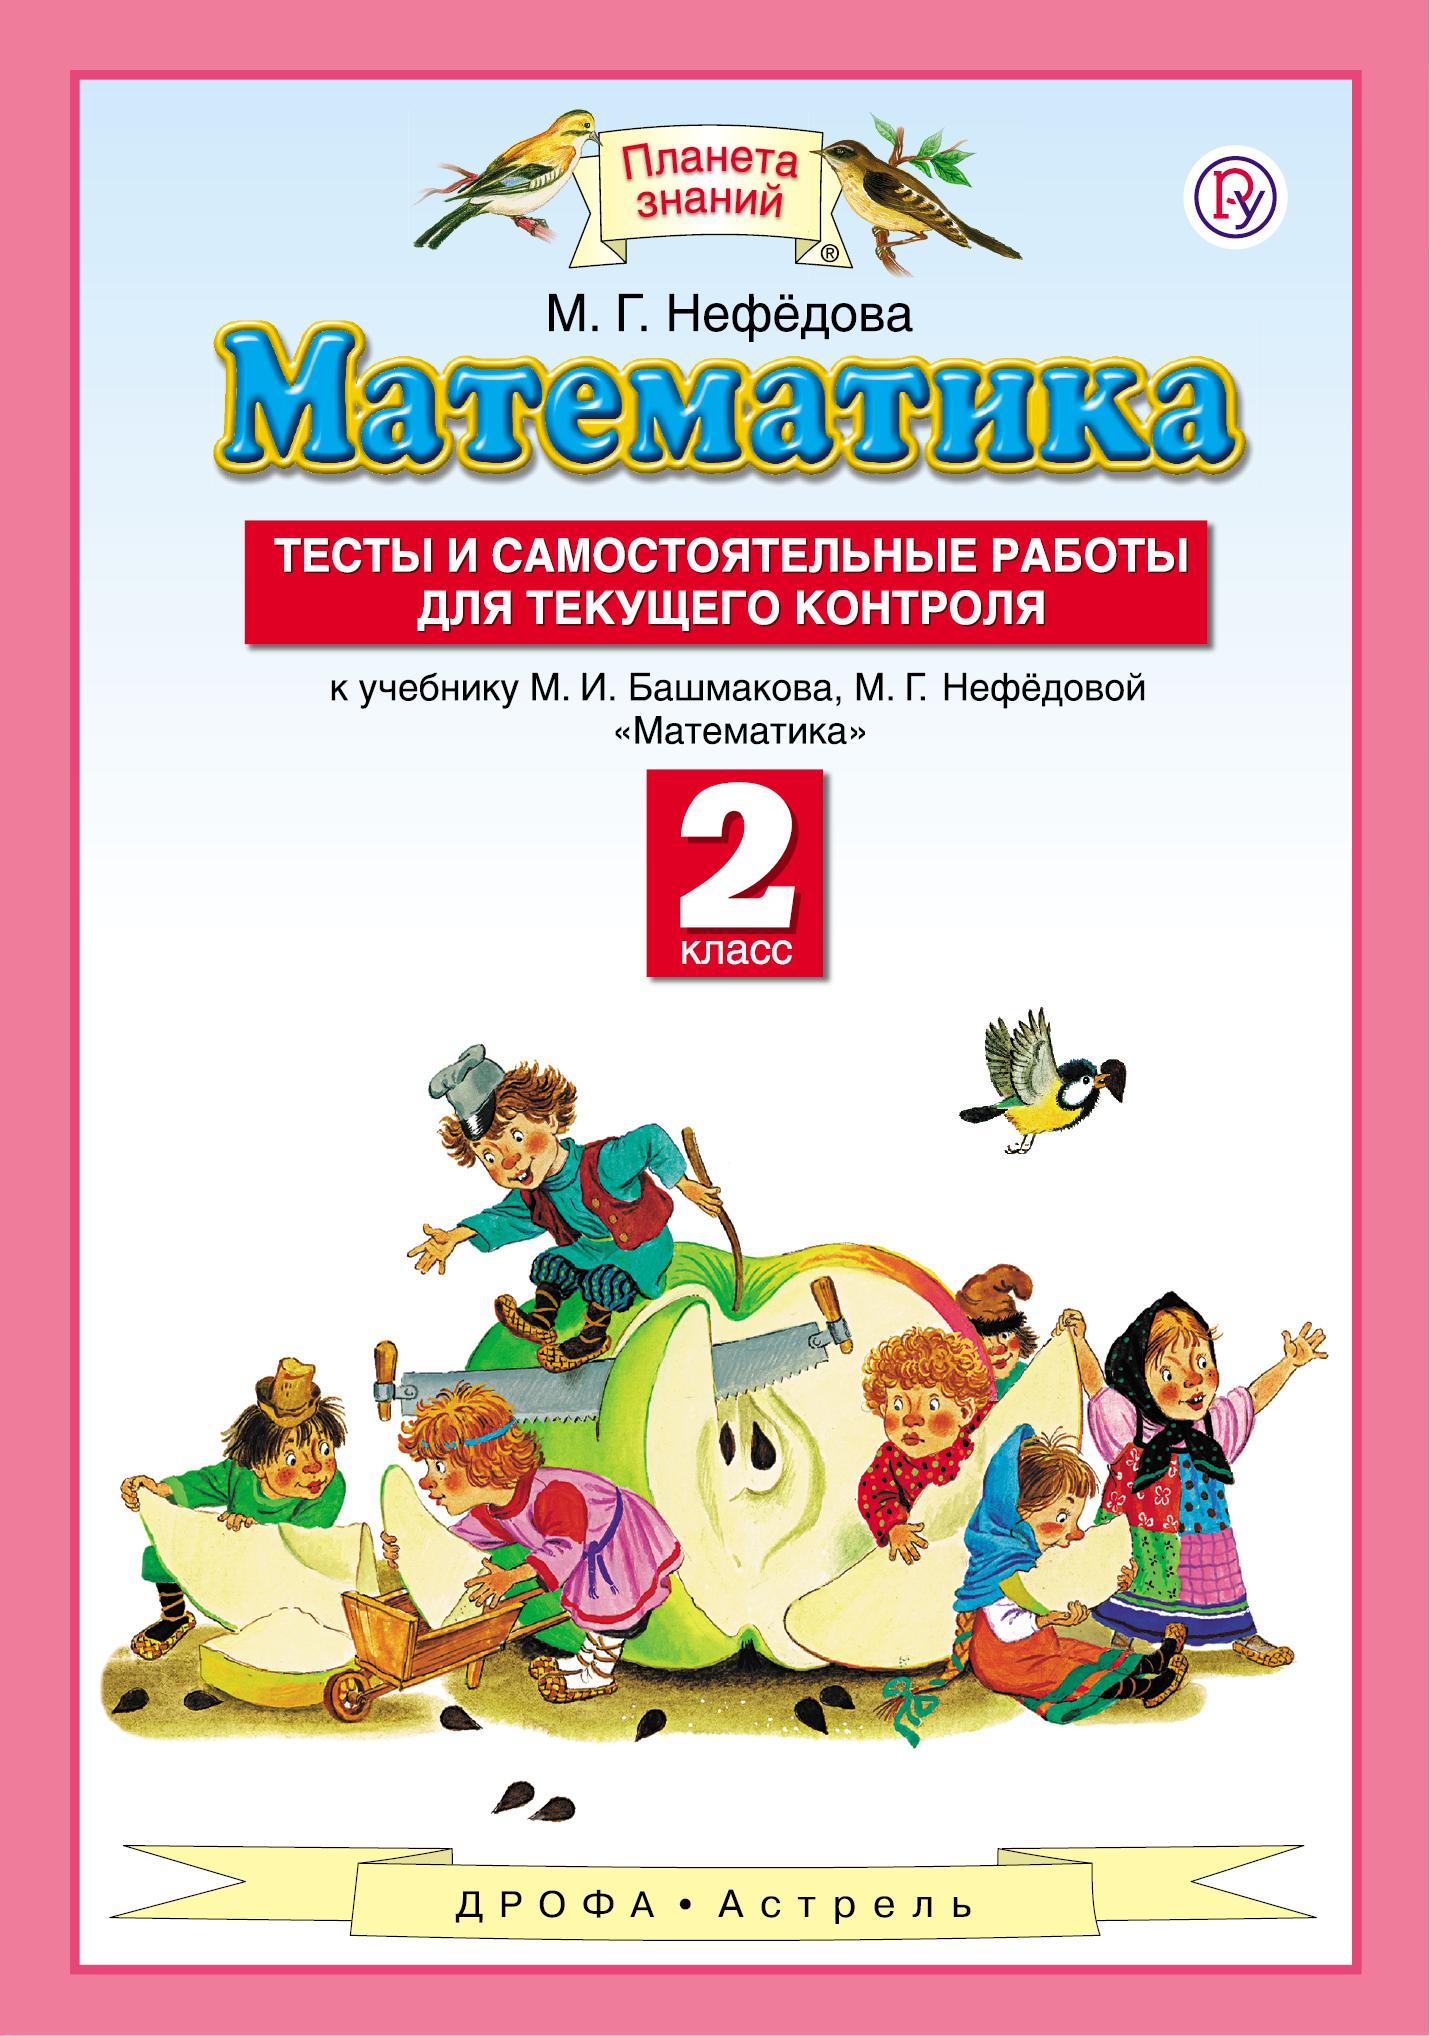 Циновская М.Г. Математика. 2 класс. Тесты и самостоятельные работы для текущего контроля цена и фото